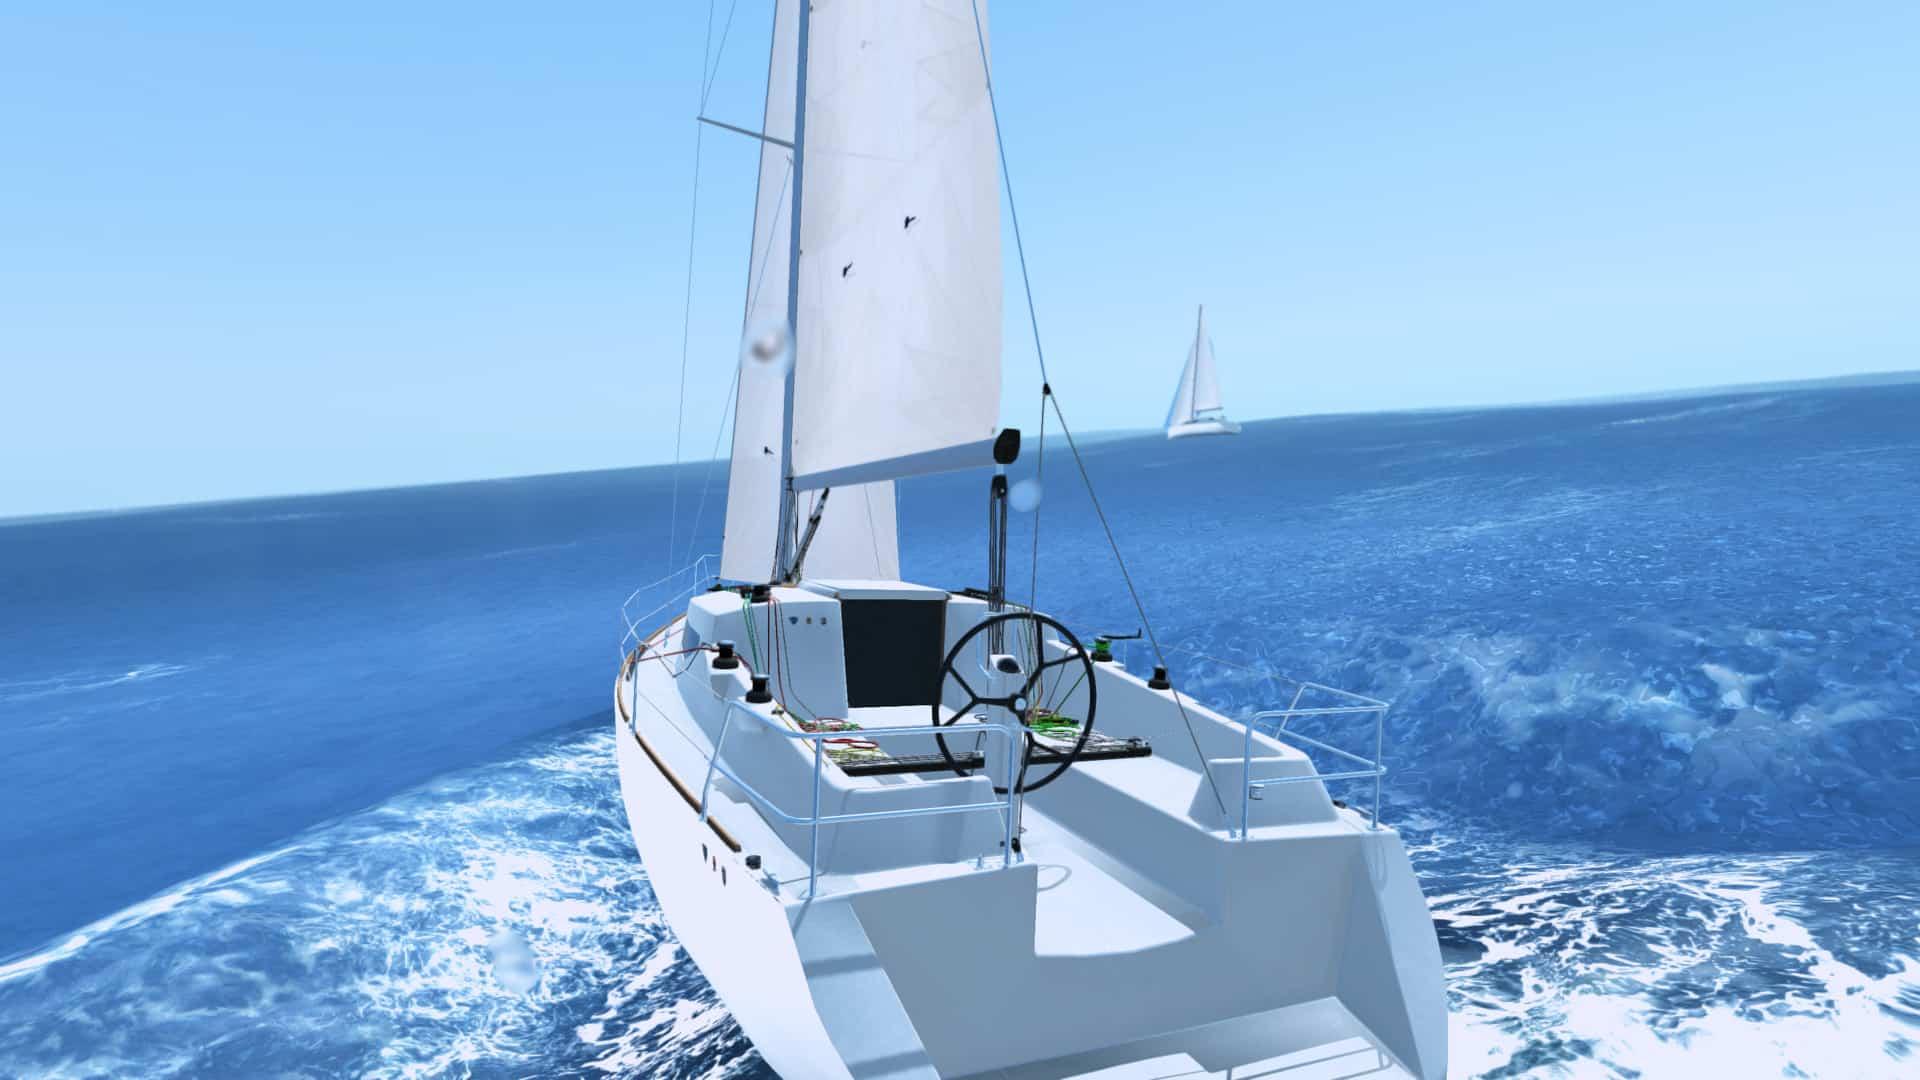 Sailaway The Sailing Simulator - Sailaway: The Sailing Simulator esce dall'accesso anticipato